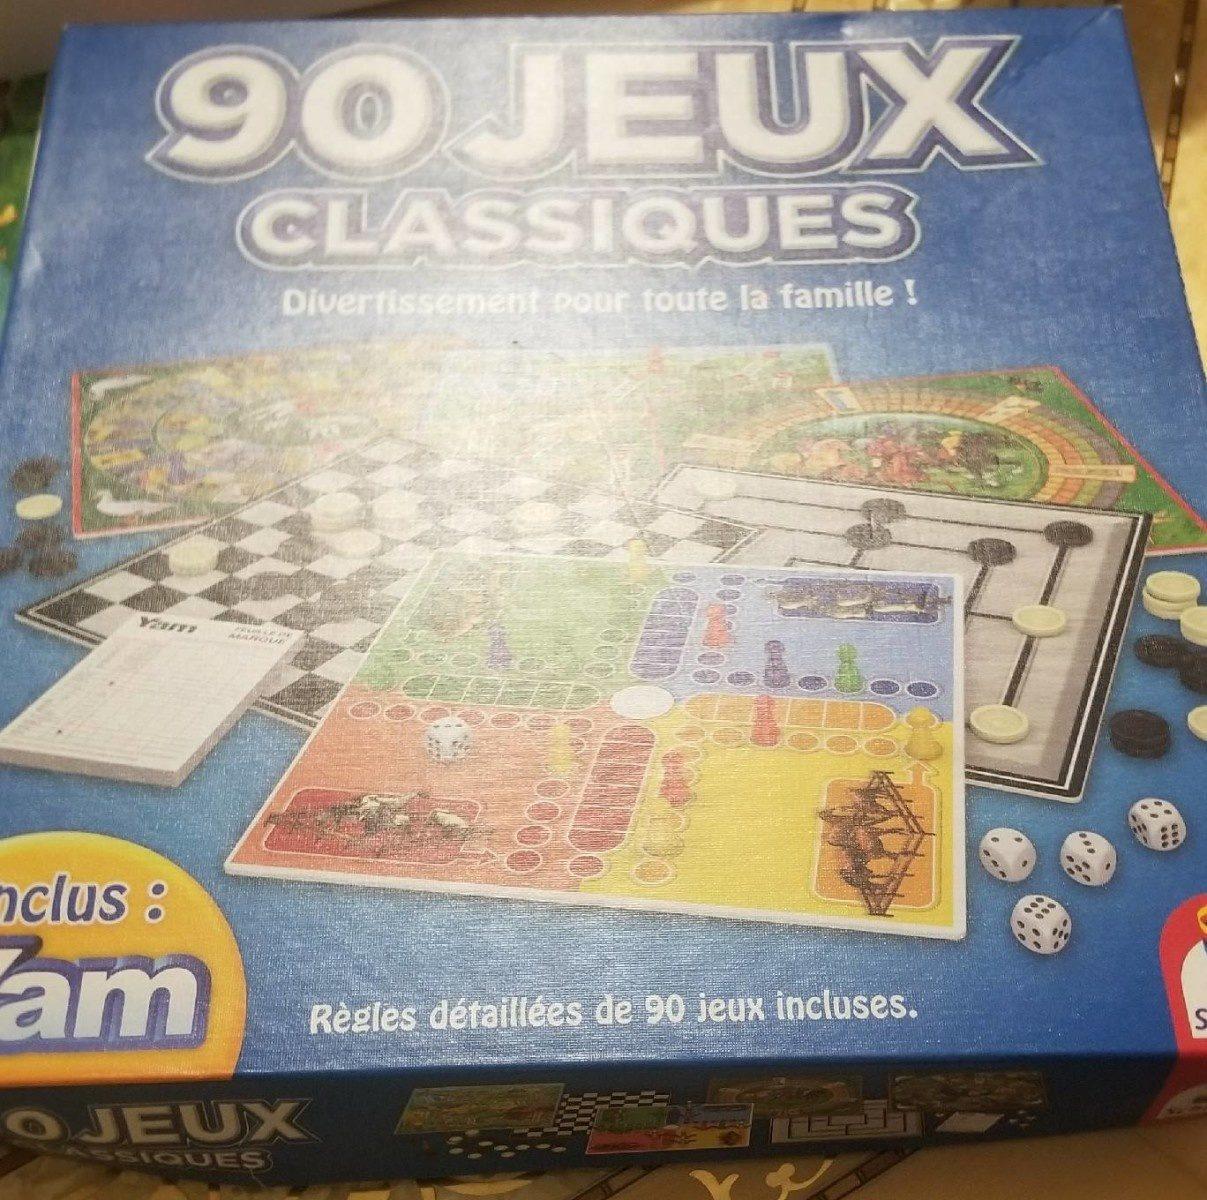 90 jeux classiques - Ingrédients - fr